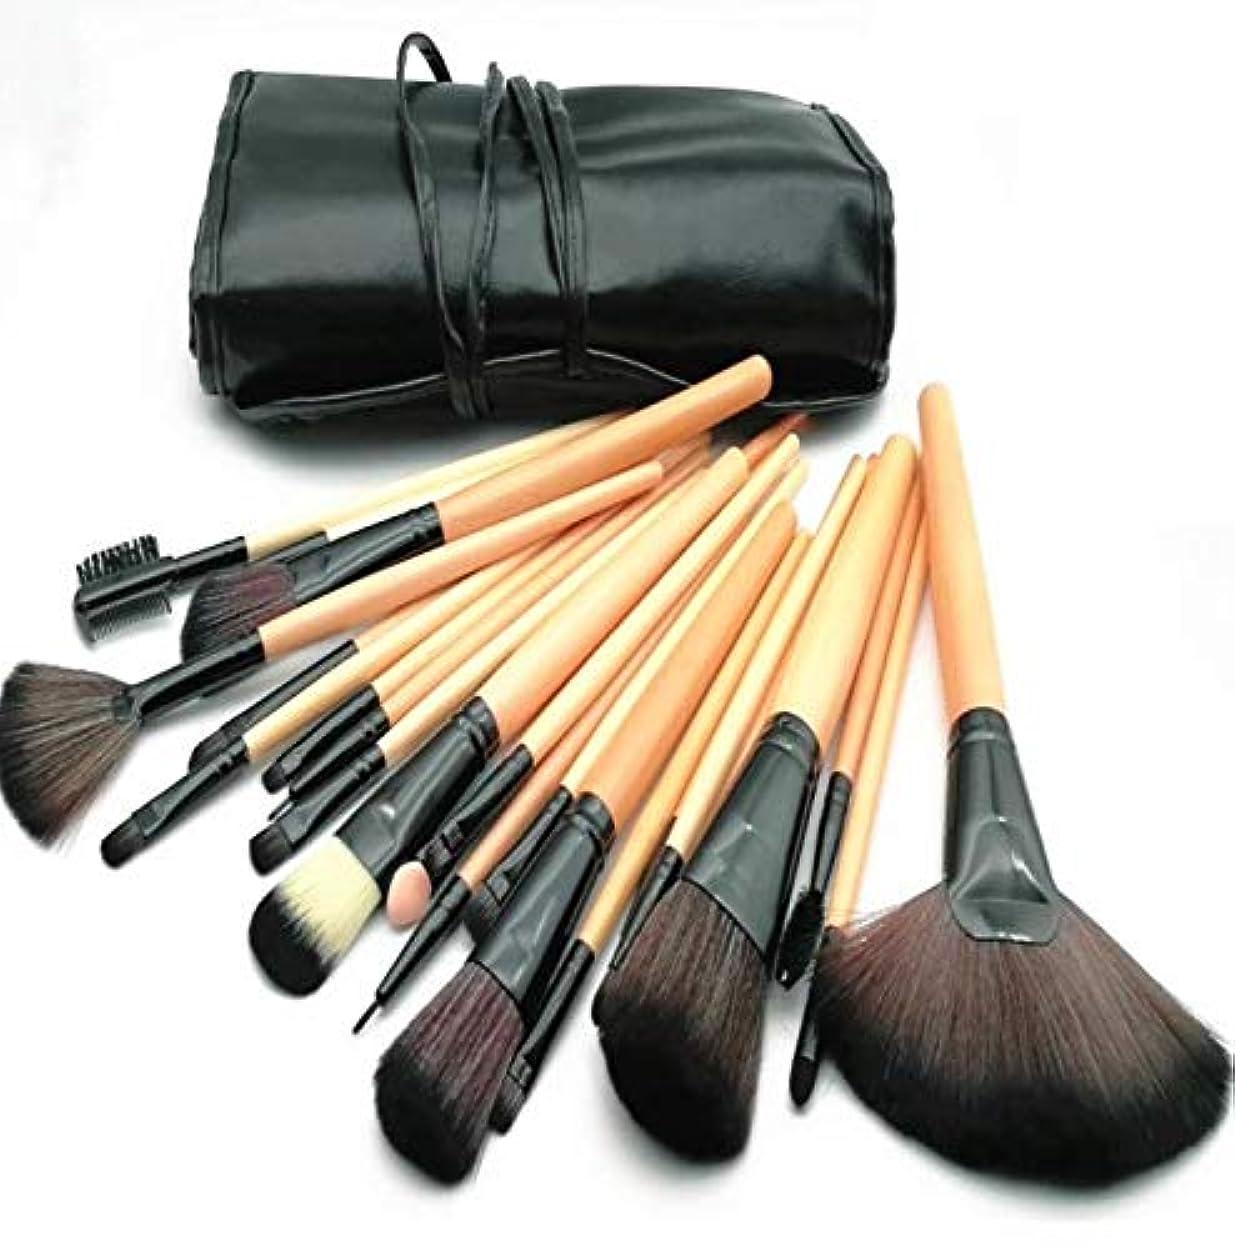 投げる歌う排出化粧ブラシセット、収納化粧品袋付き24色化粧ブラシ、初心者やメイクアップアーティストのための美容ツールの実用的なフルセット